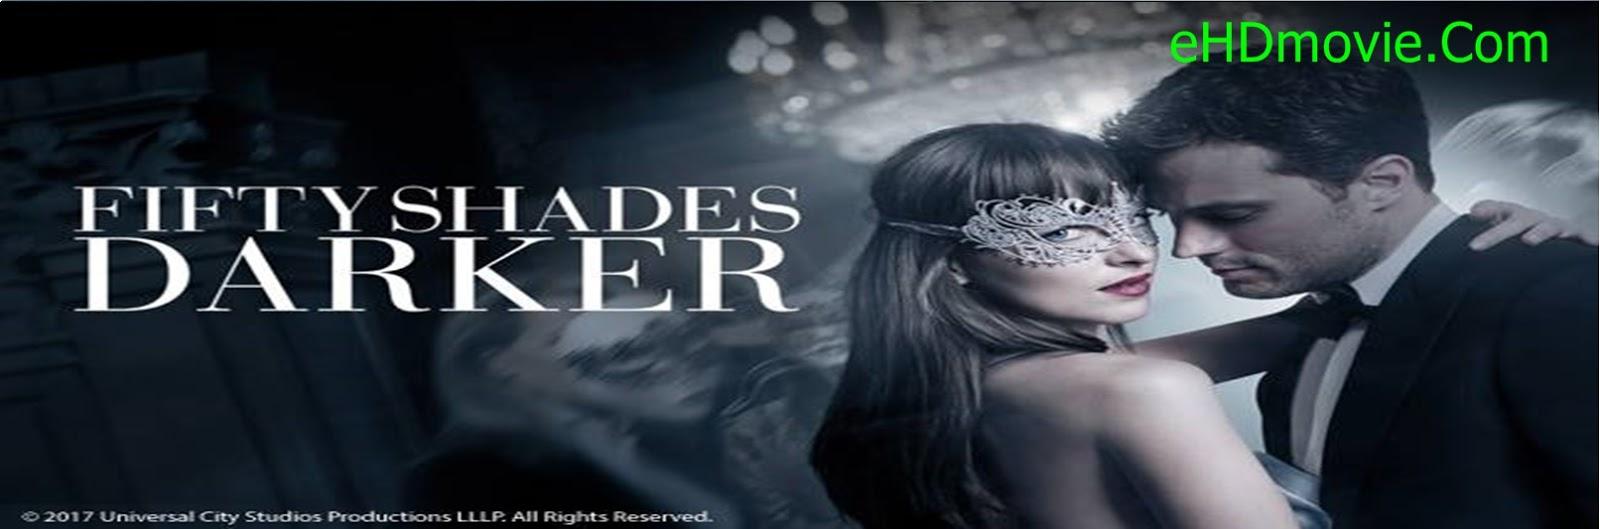 Fifty Shades Darker Full Movie - YouTube